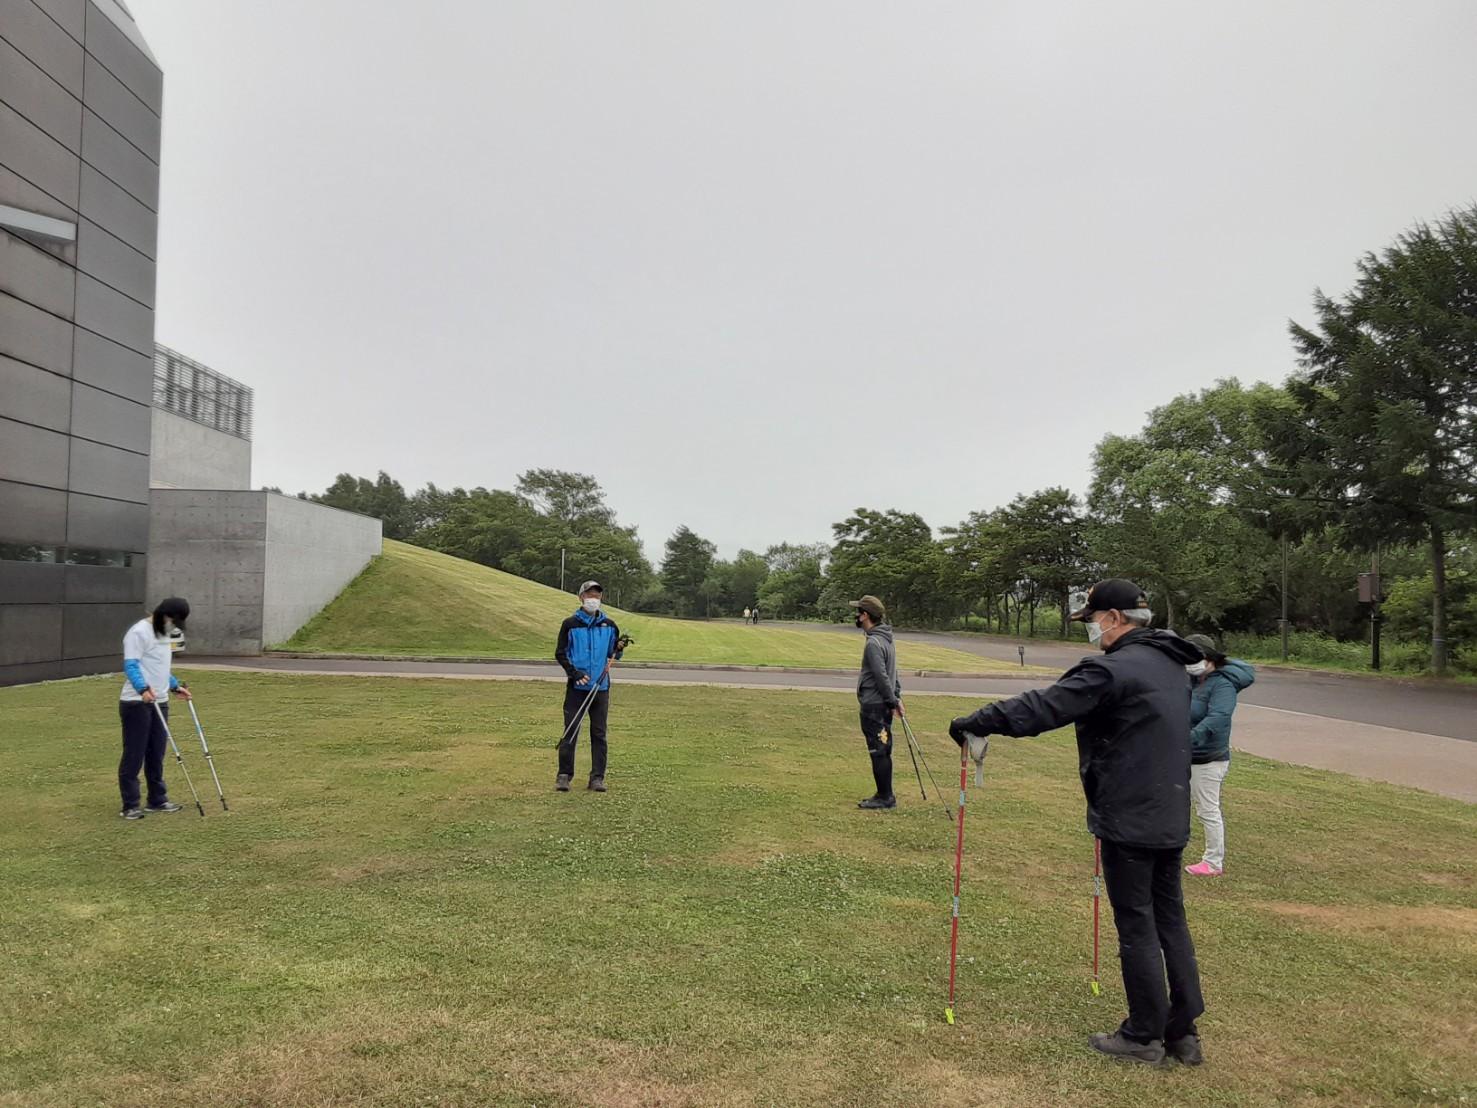 ノルディックウォーキング体験会 @モエレ沼公園_d0198793_01181173.jpg